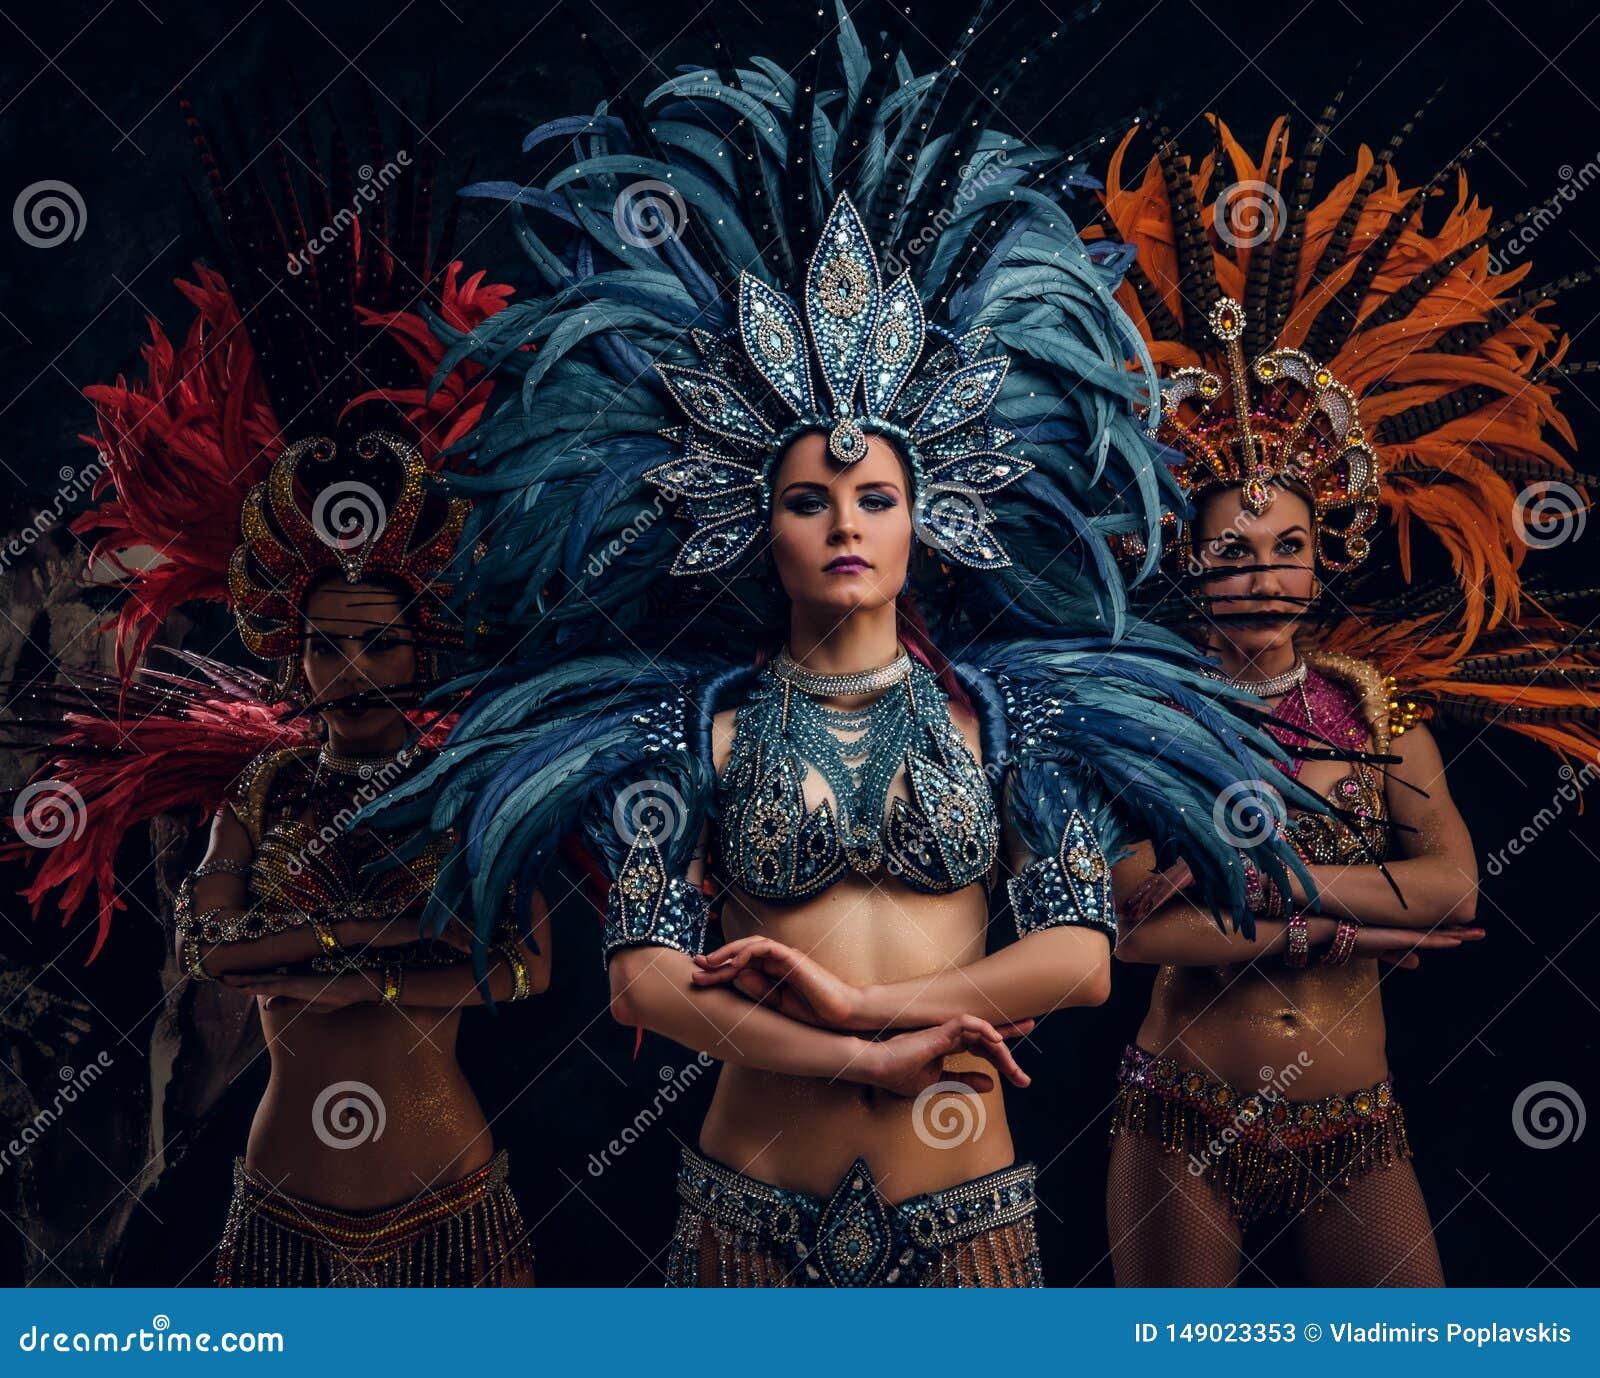 传统brasilian carnaval服装的三美女为摄影师摆在演播室